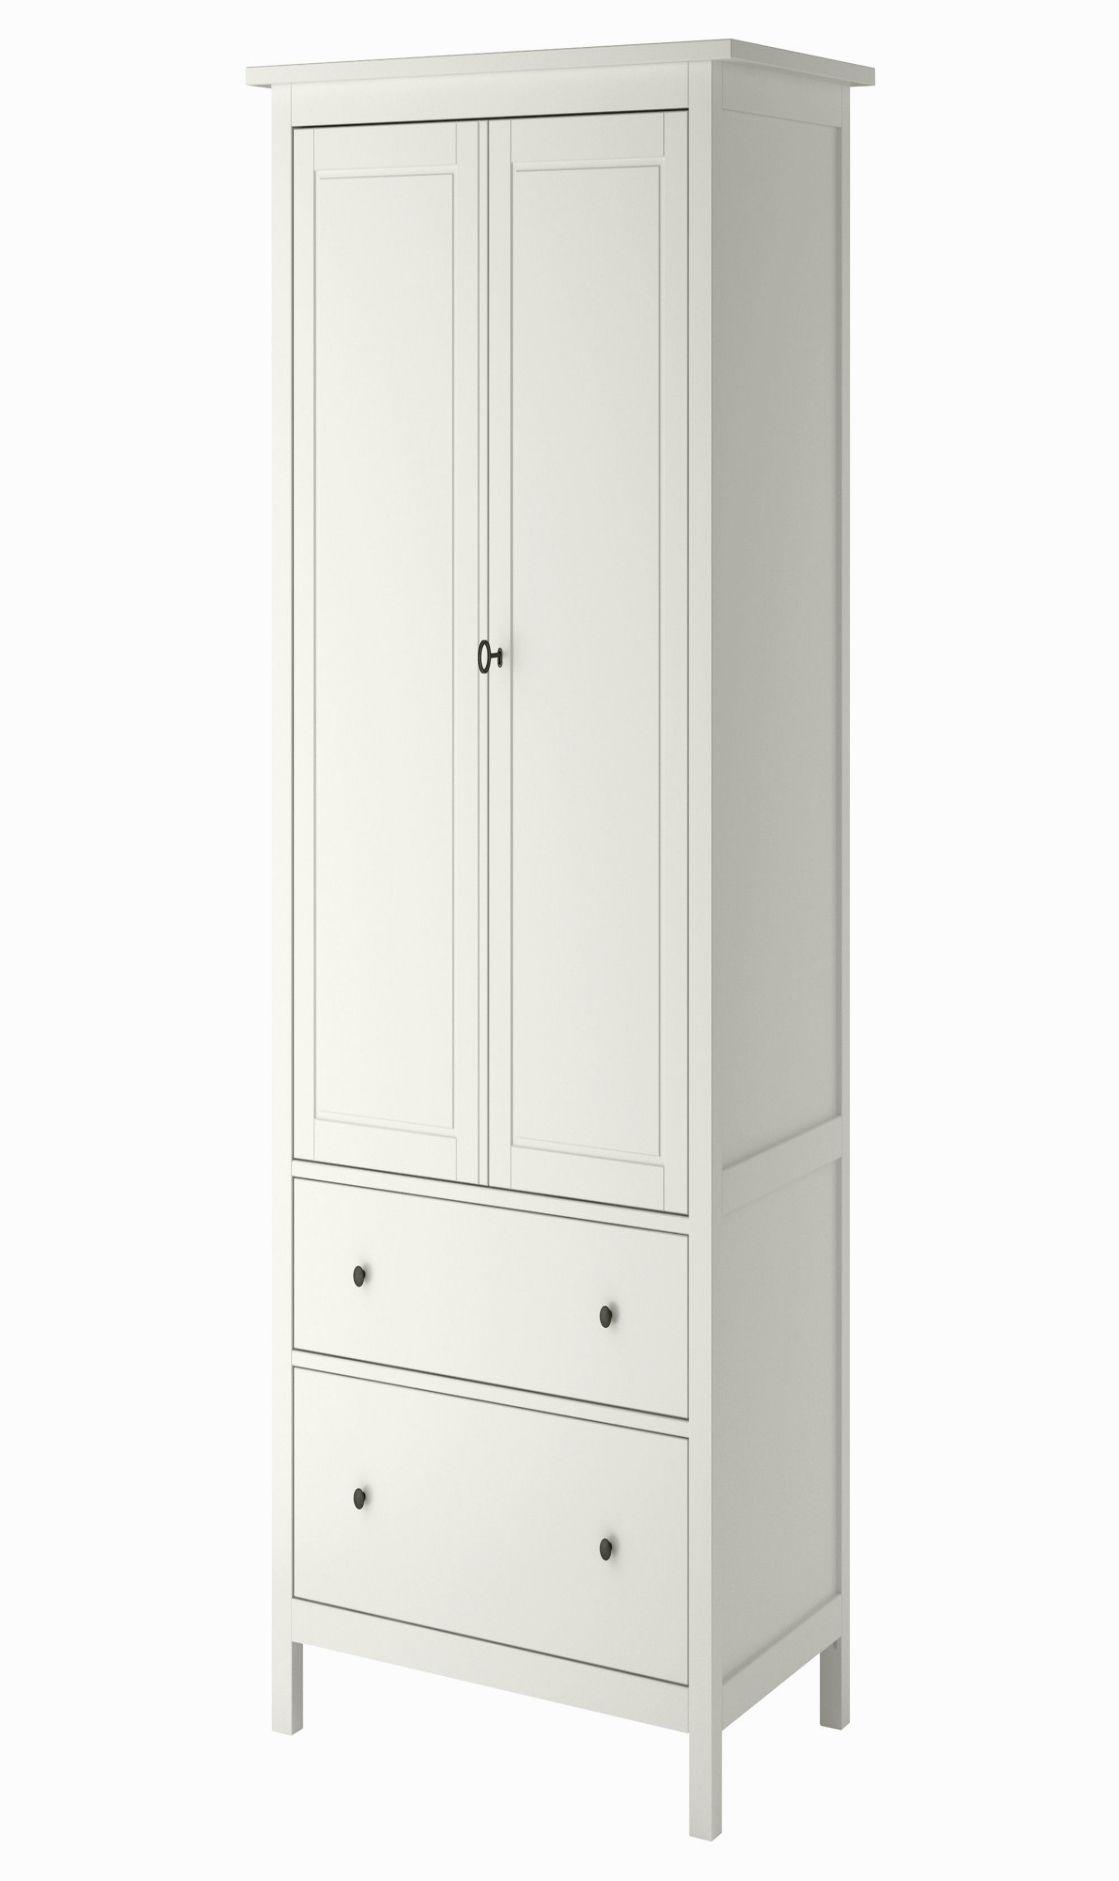 17 Cool Kinderzimmer Schrank Ikea In 2020 Hemnes Kleiderschrank